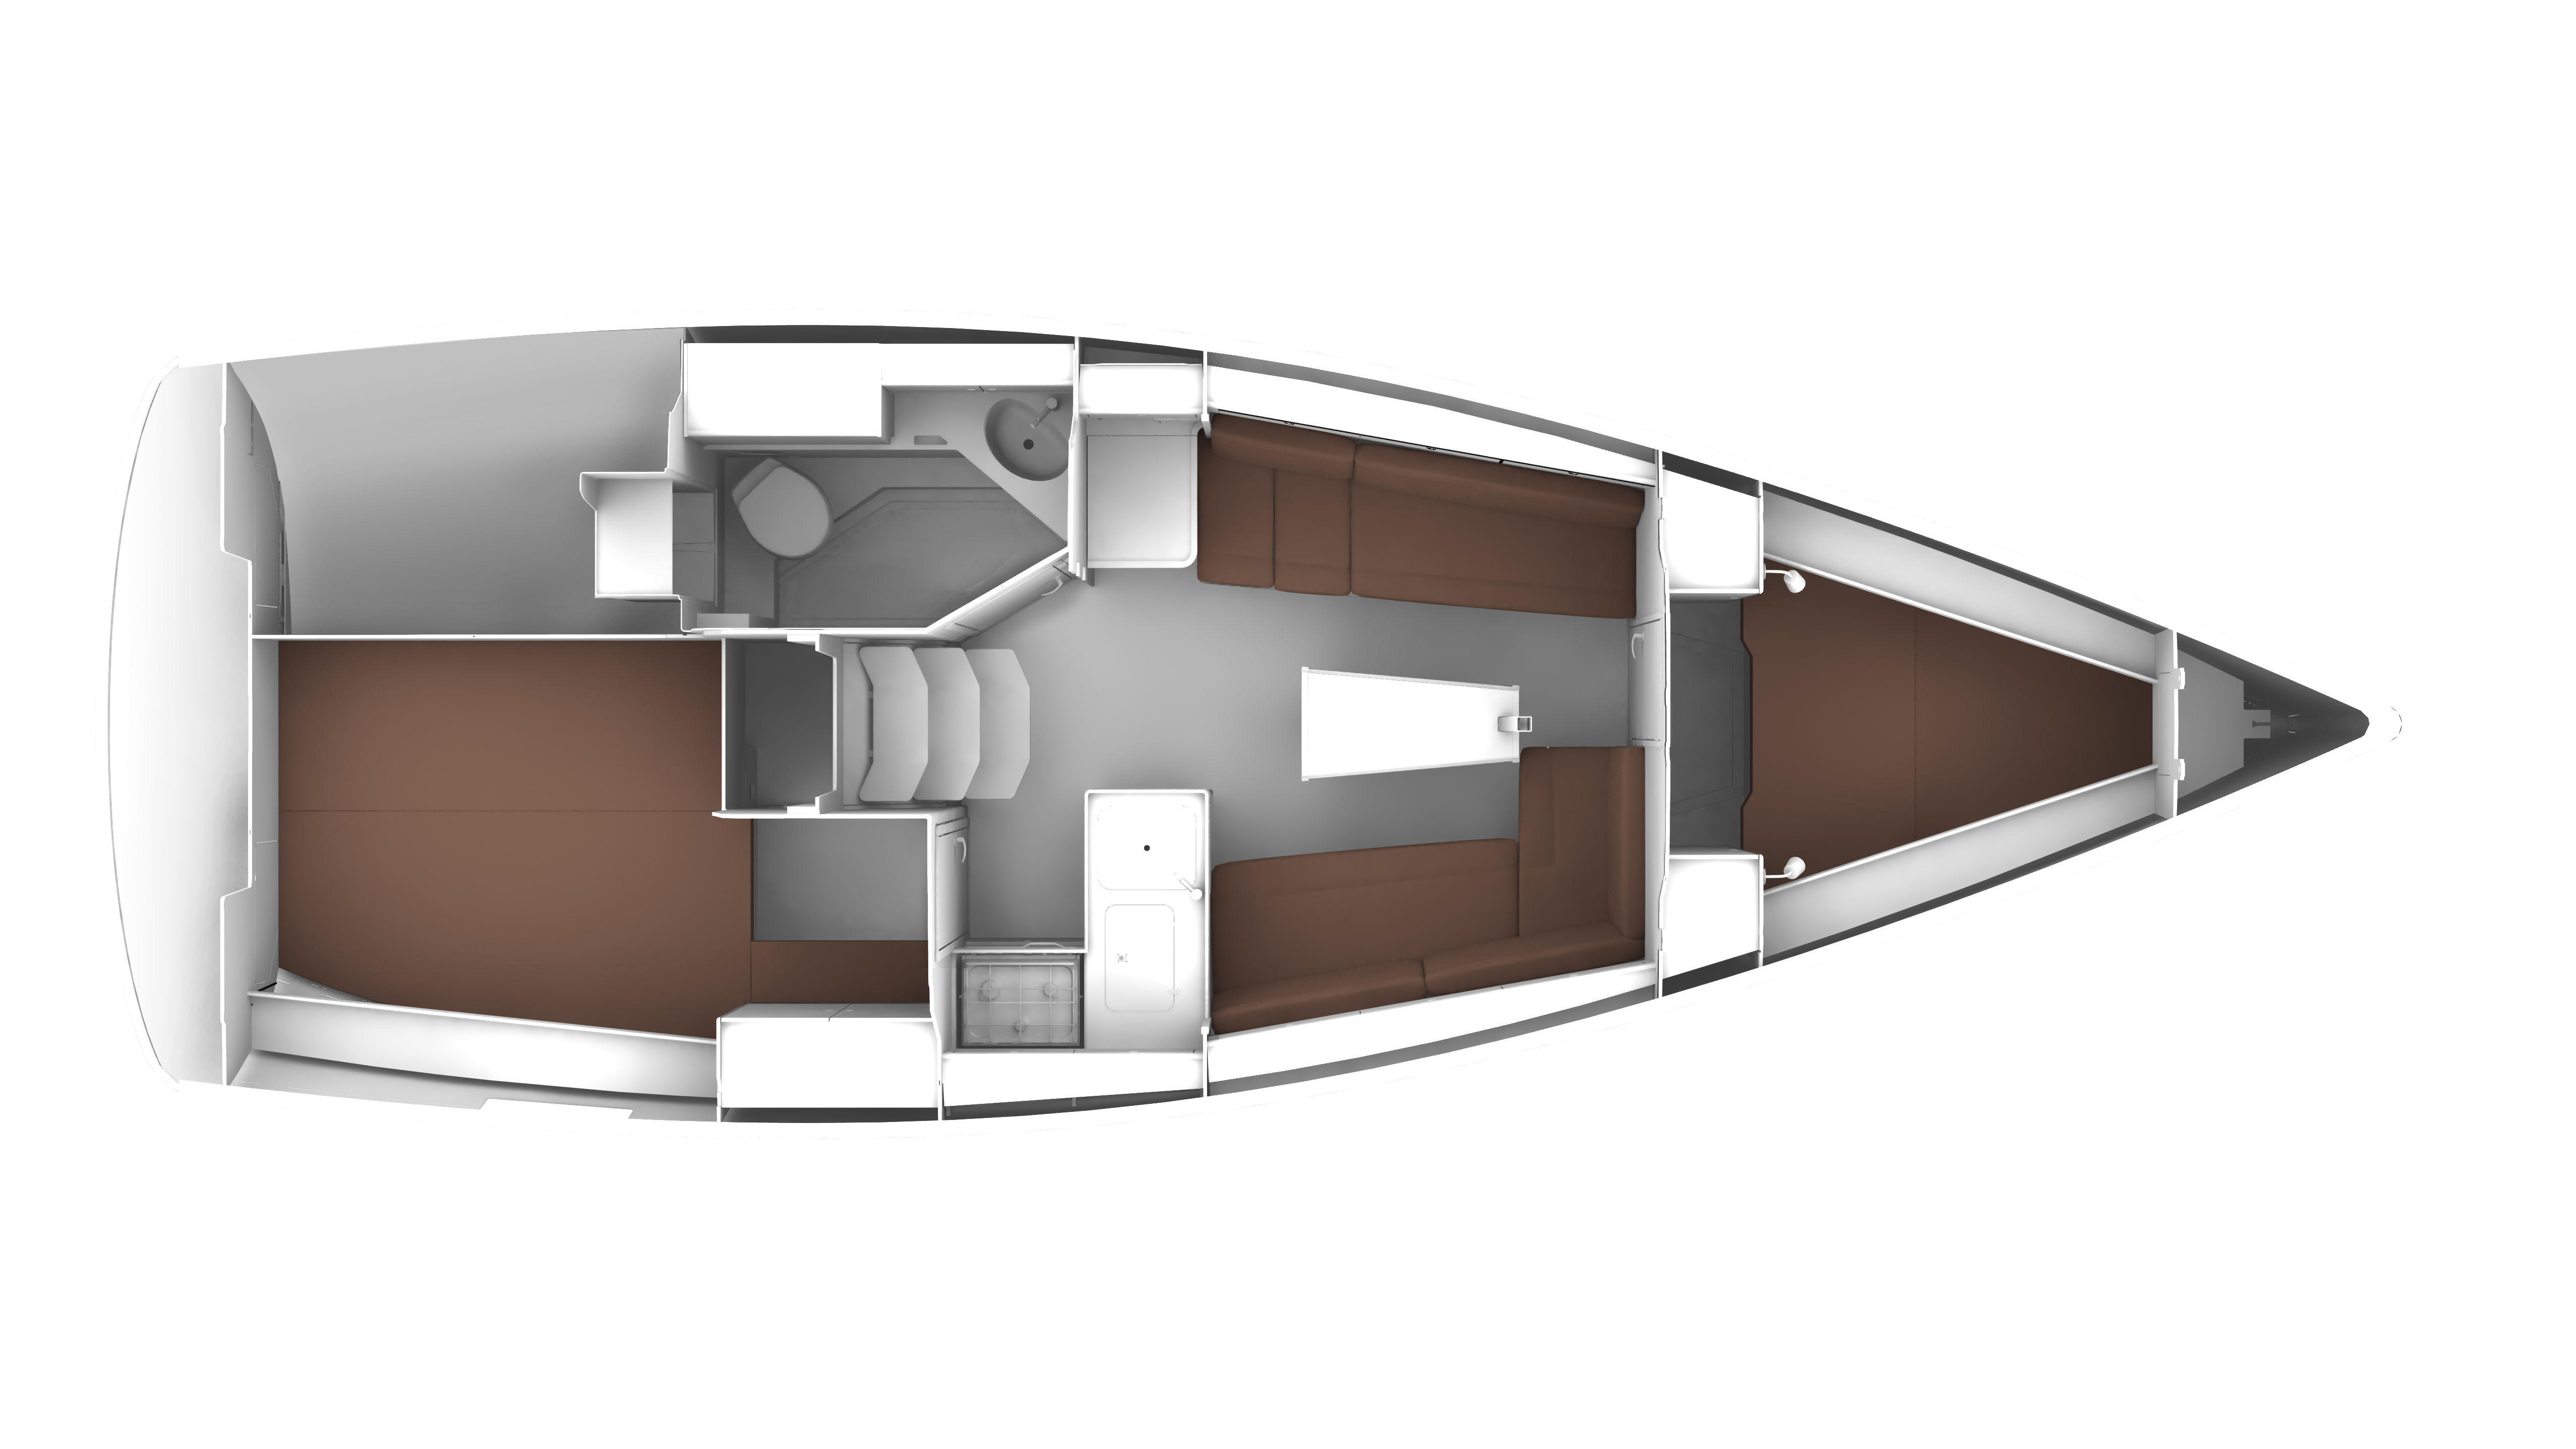 CR33_cabin-layout